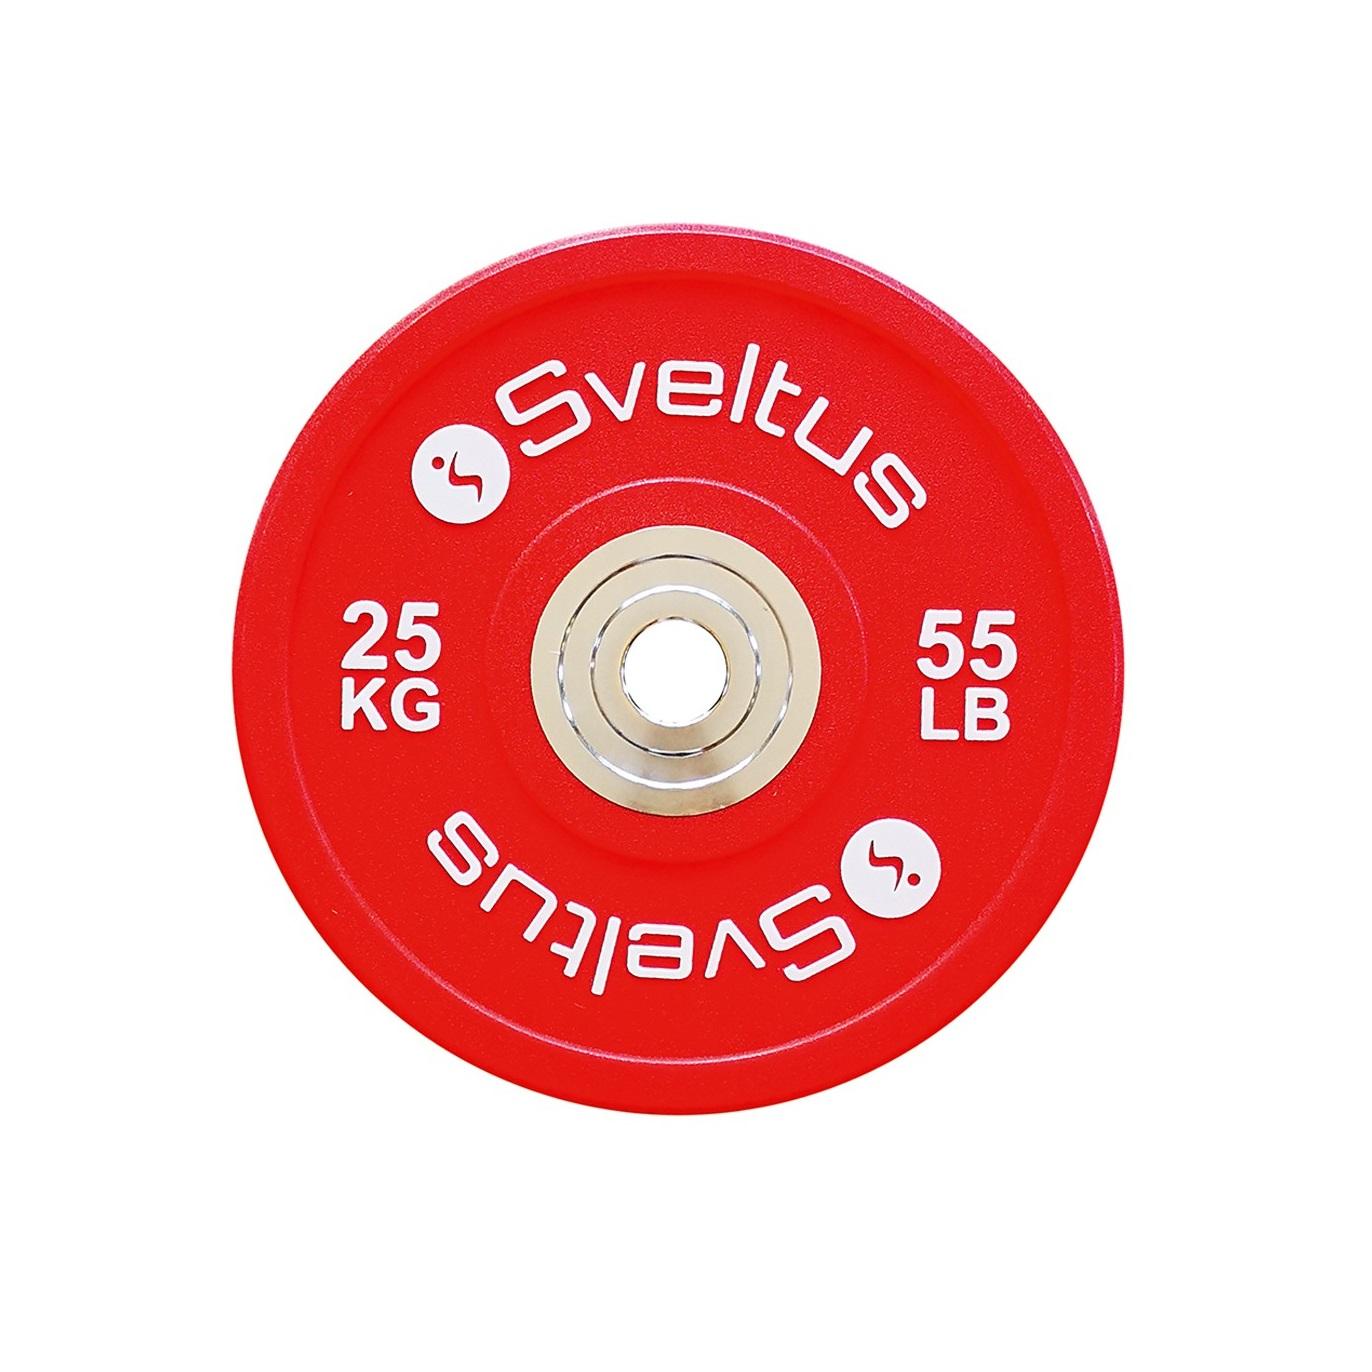 Sveltus Disque olympique compétition - 25 kg